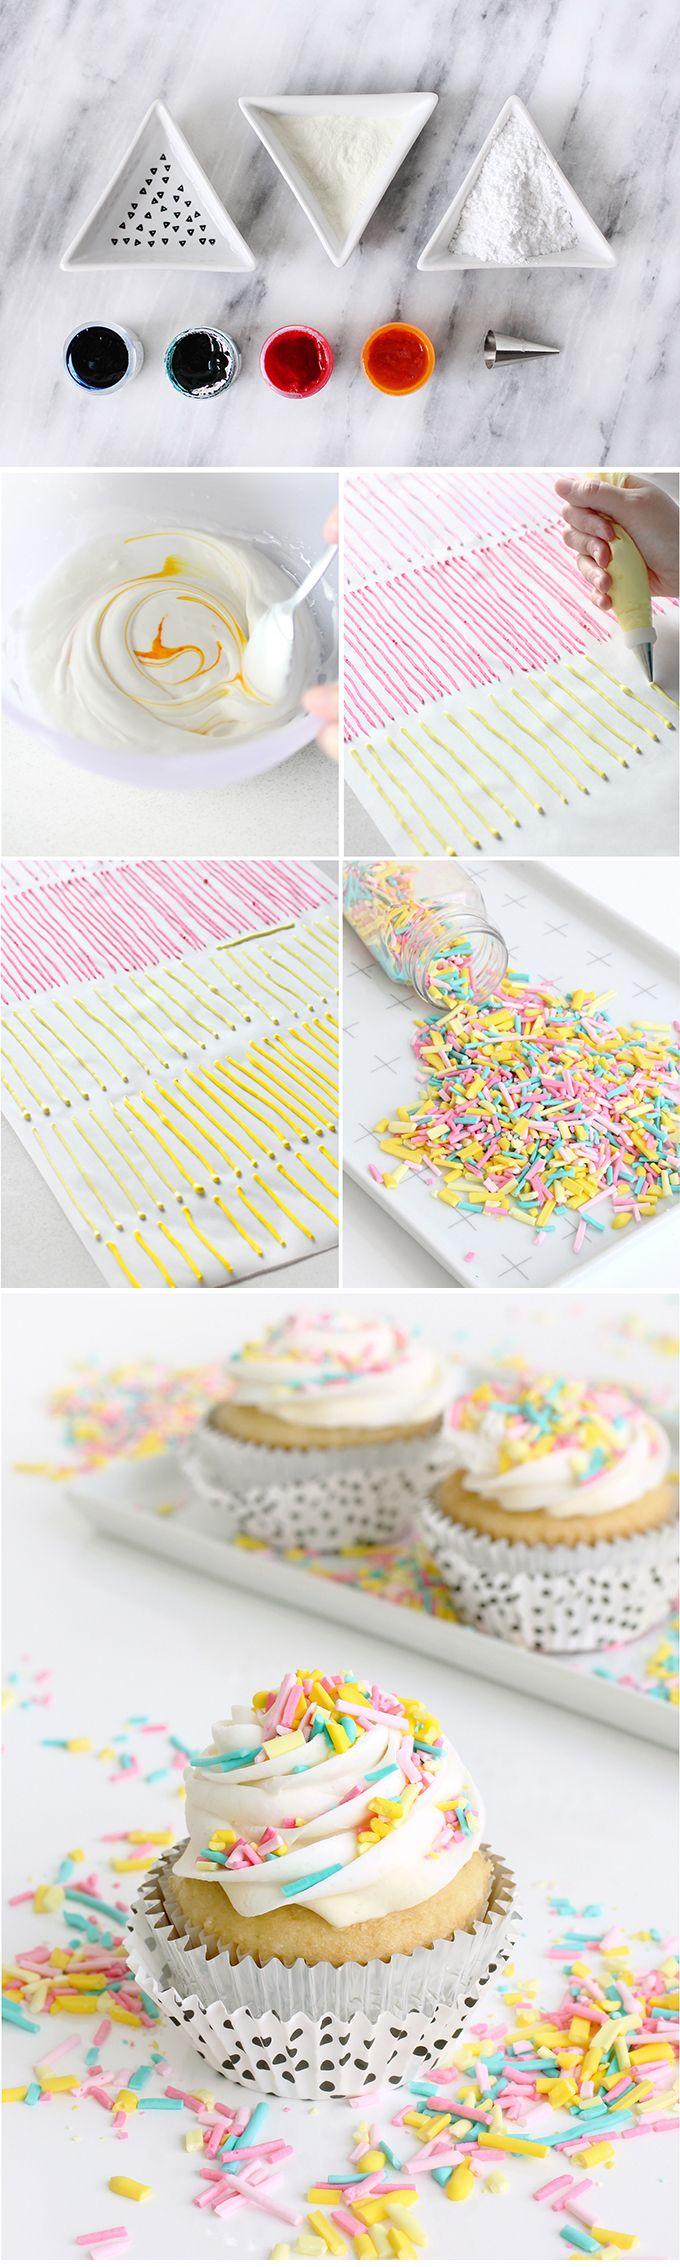 DIY SWEETS | Homemade Sprinkles